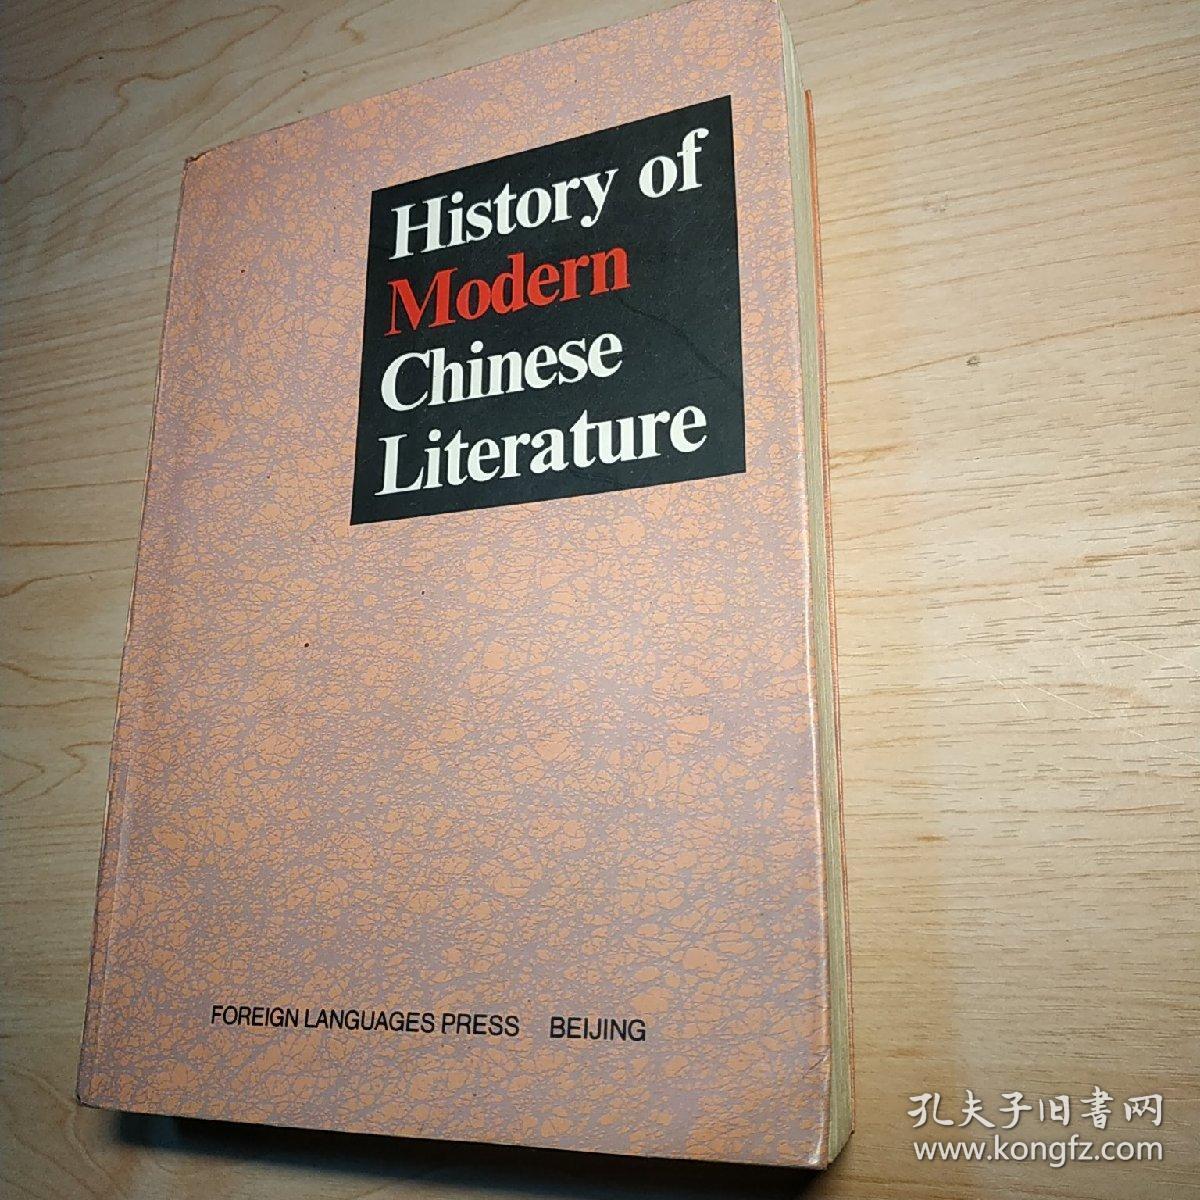 中国现代文学史英文版